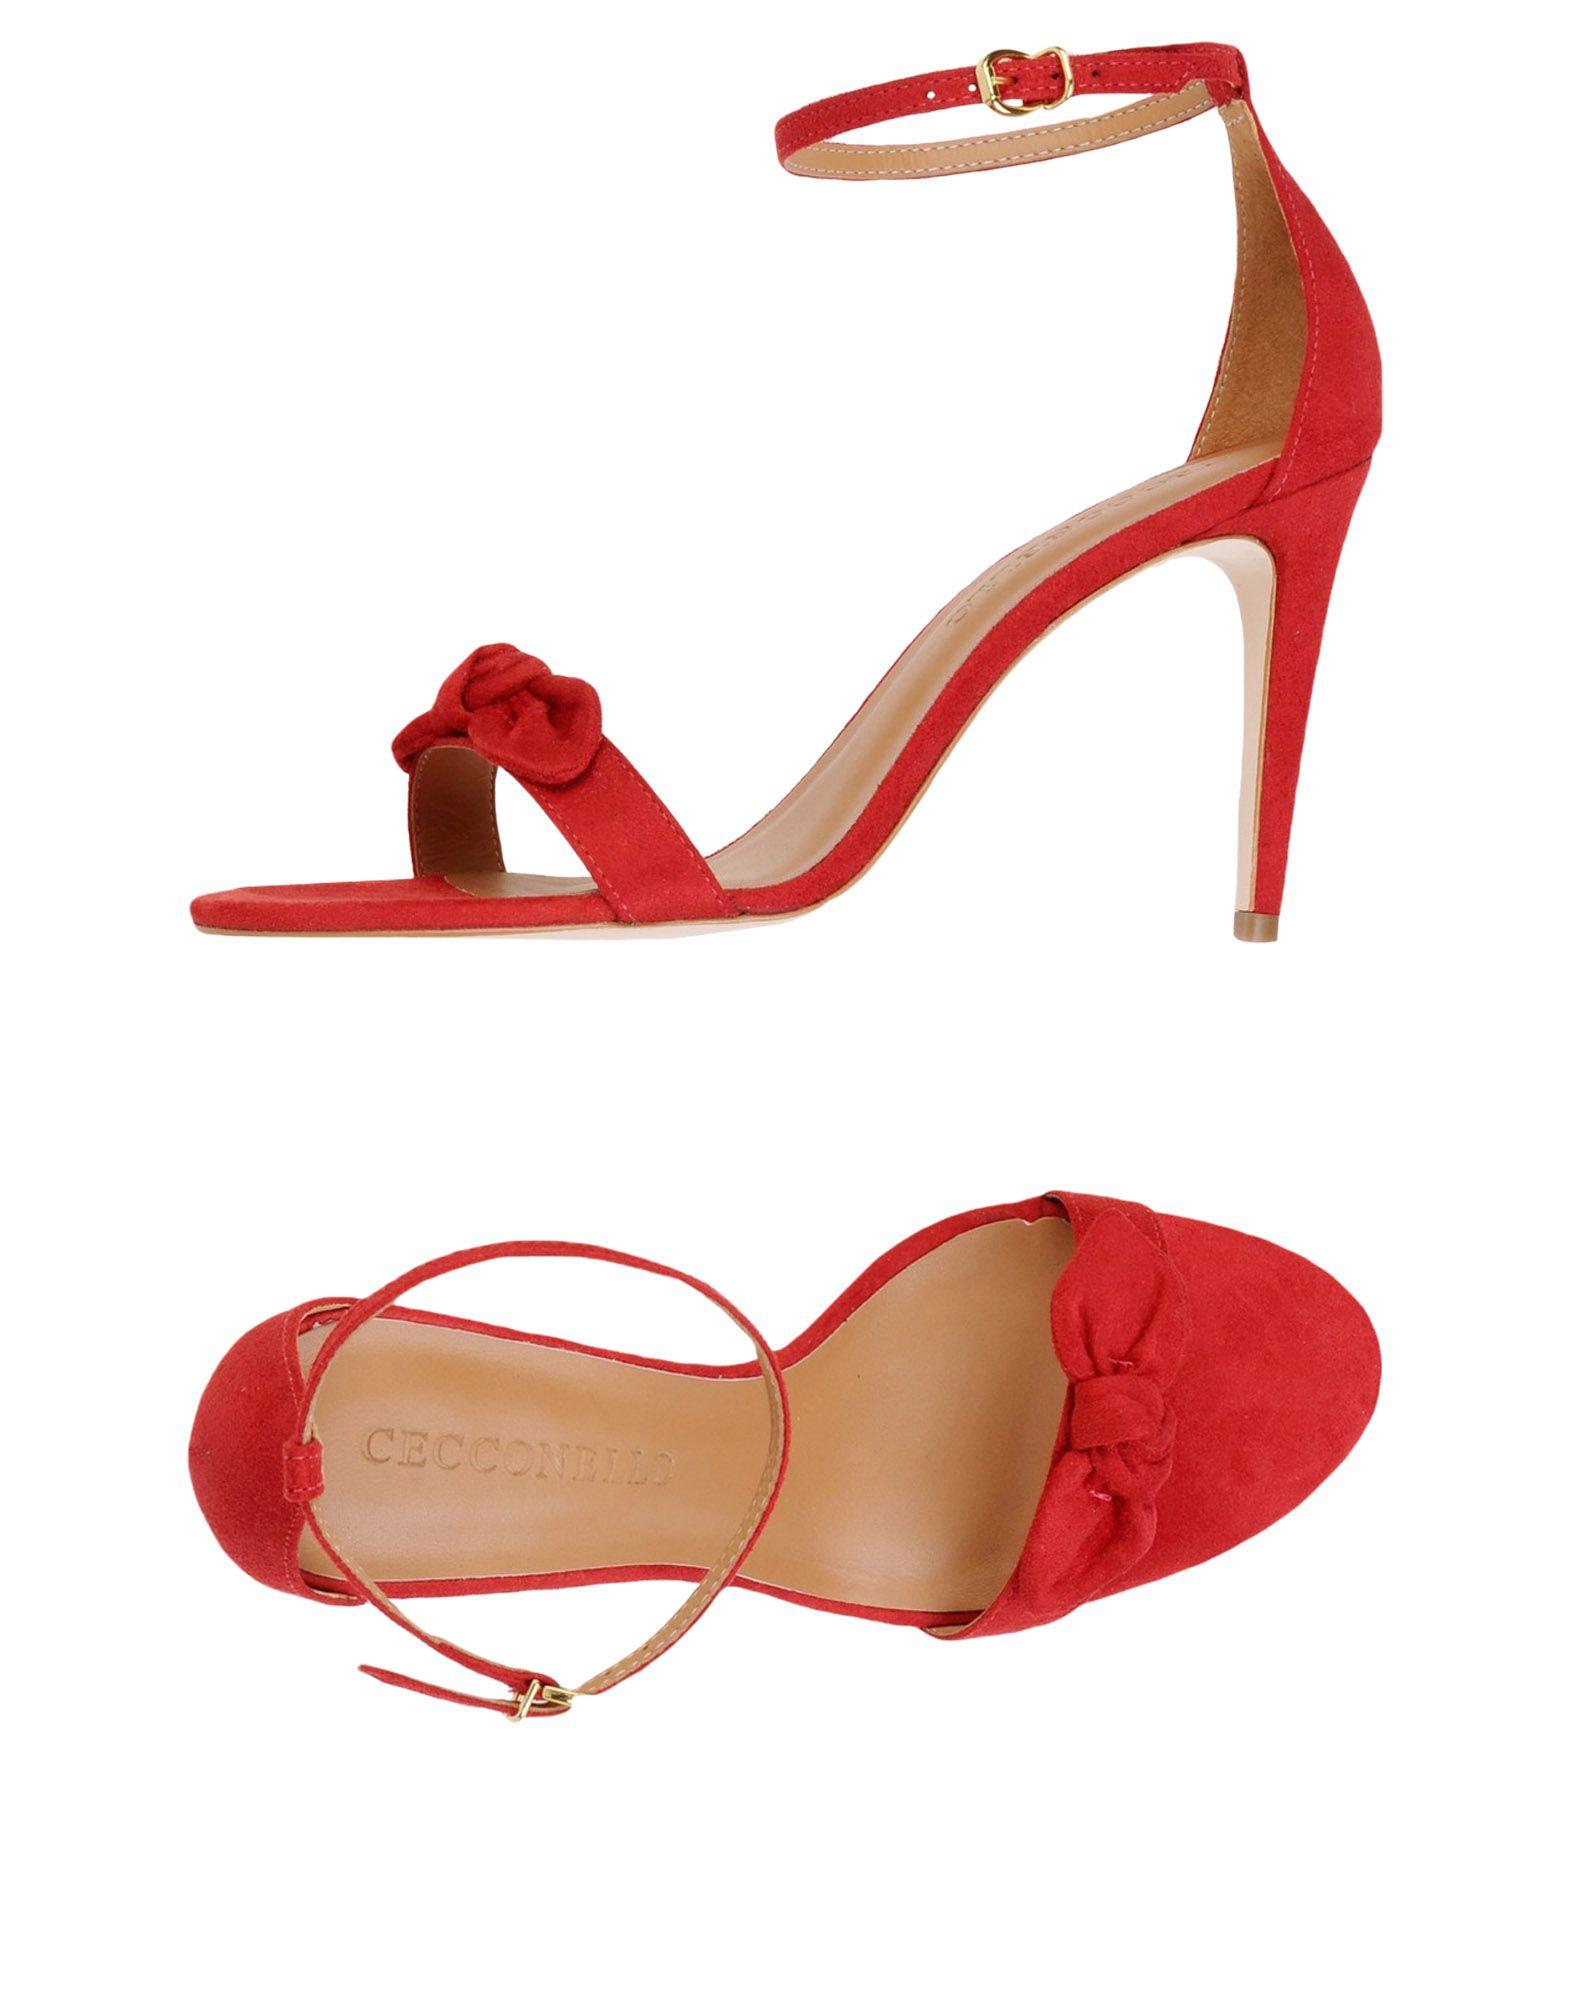 Moda Sandali Cecconello Donna Donna Cecconello - 11466331FH 0be9e5